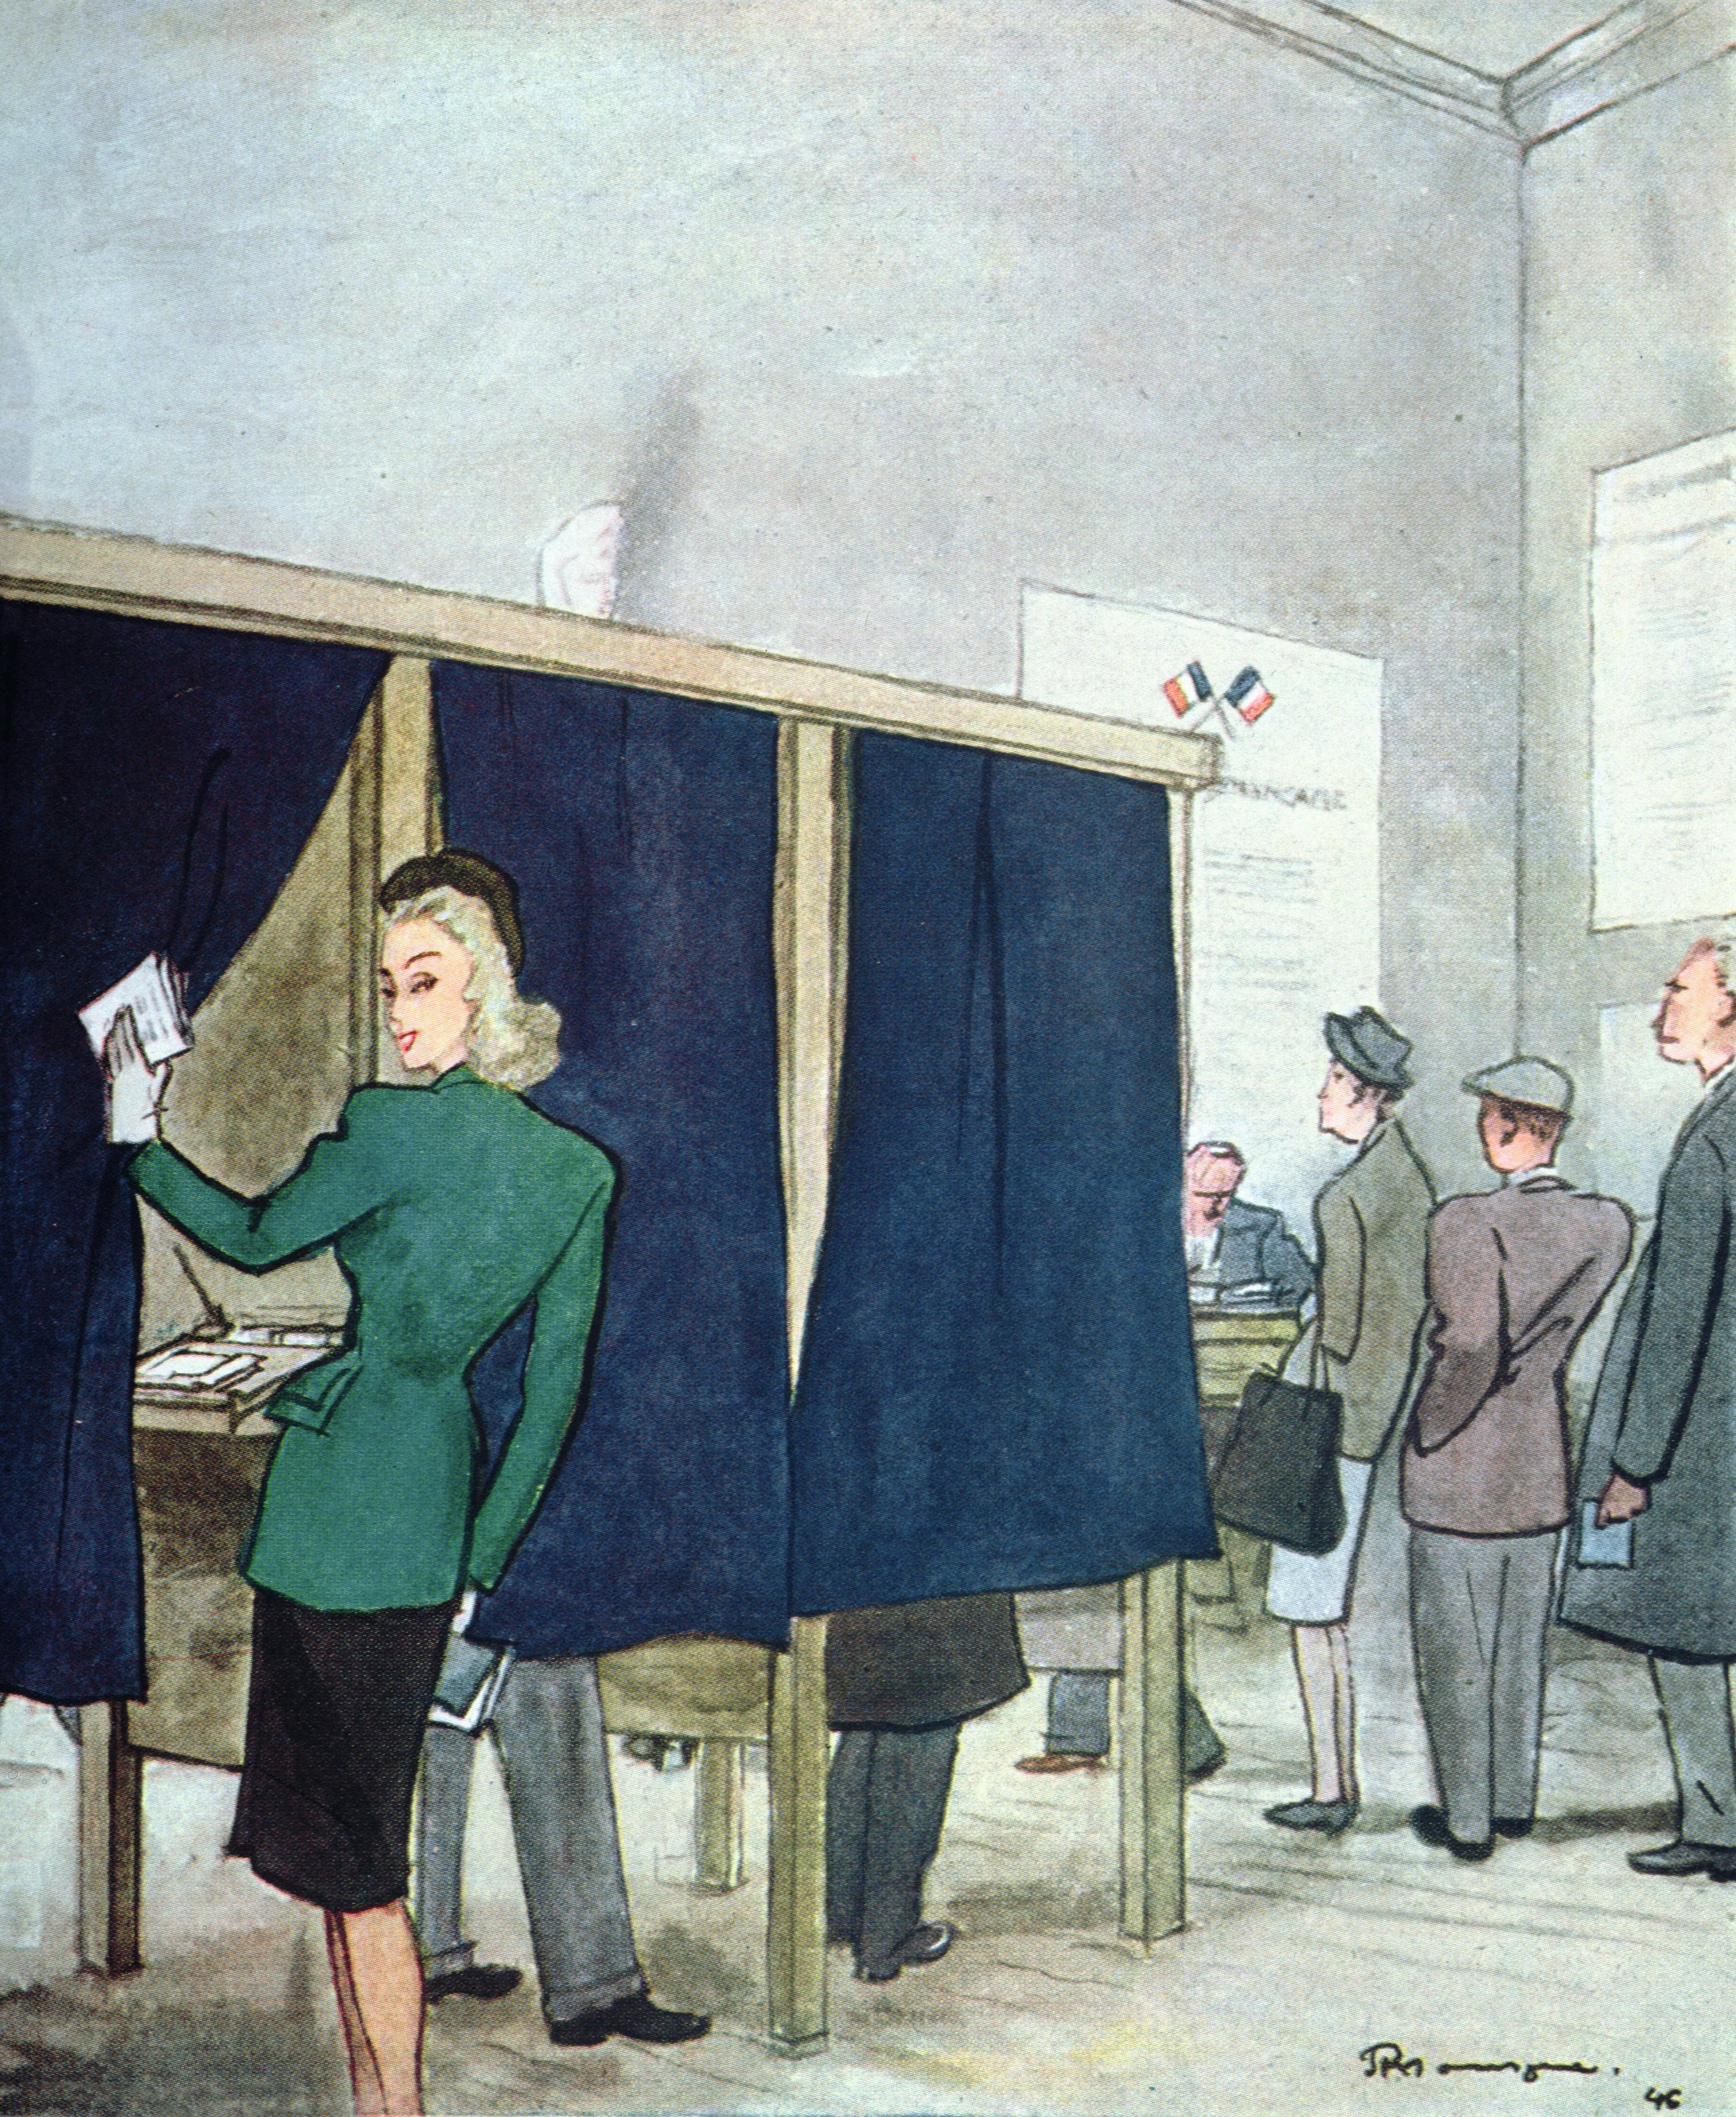 Le premier vote des femmes, Pierre Mourgue, 1946.